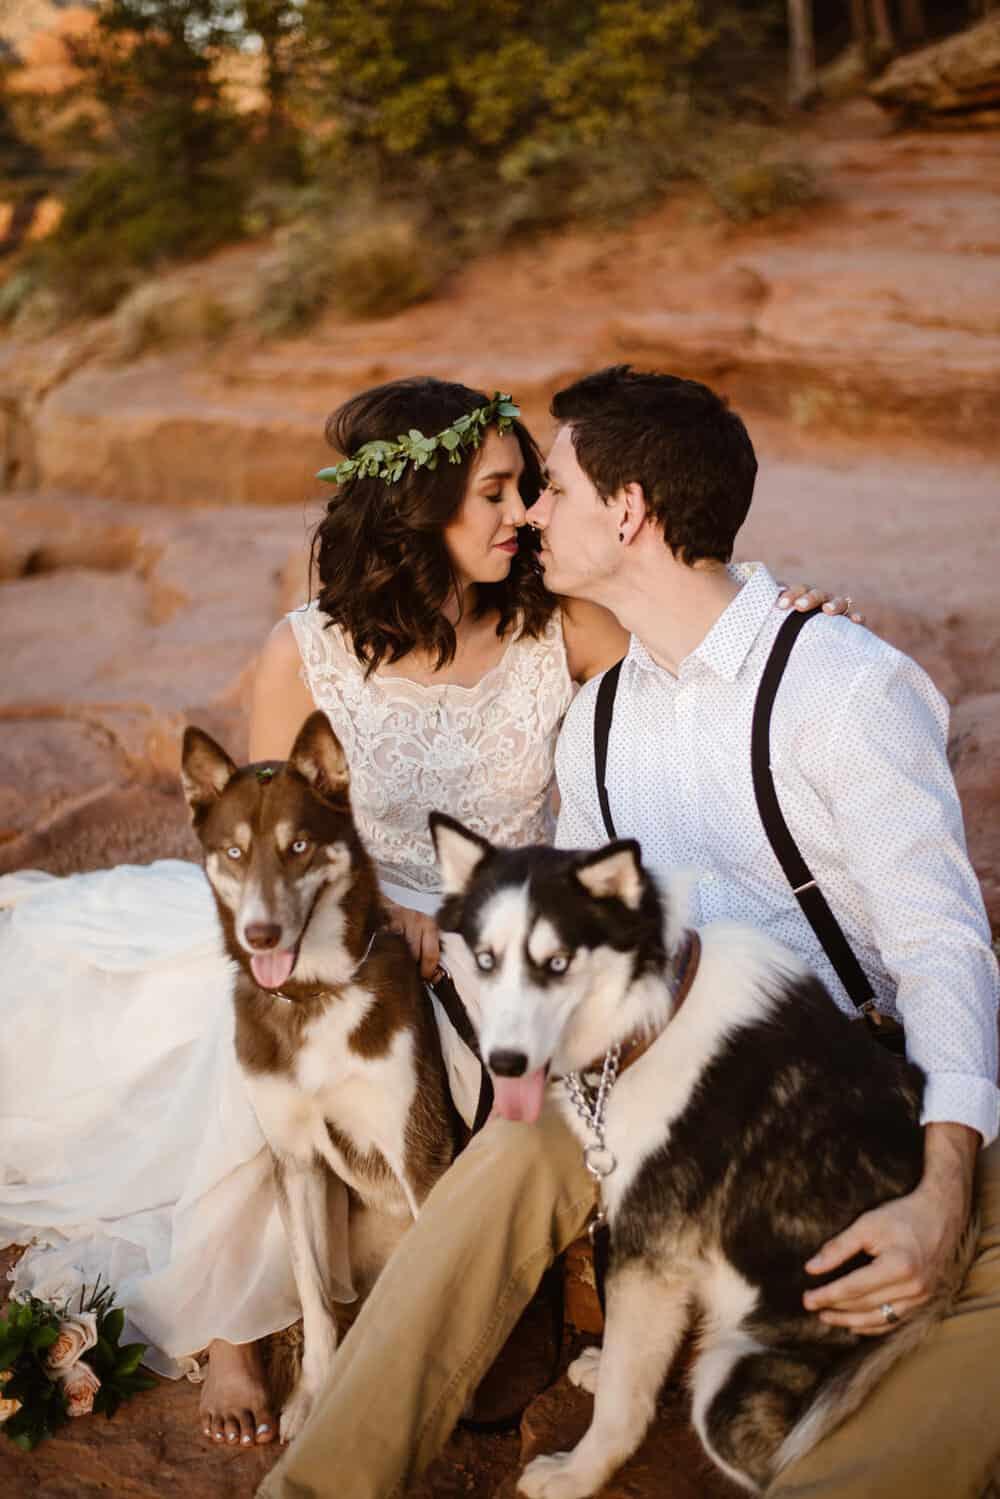 devils-bridge-elopement-photographer